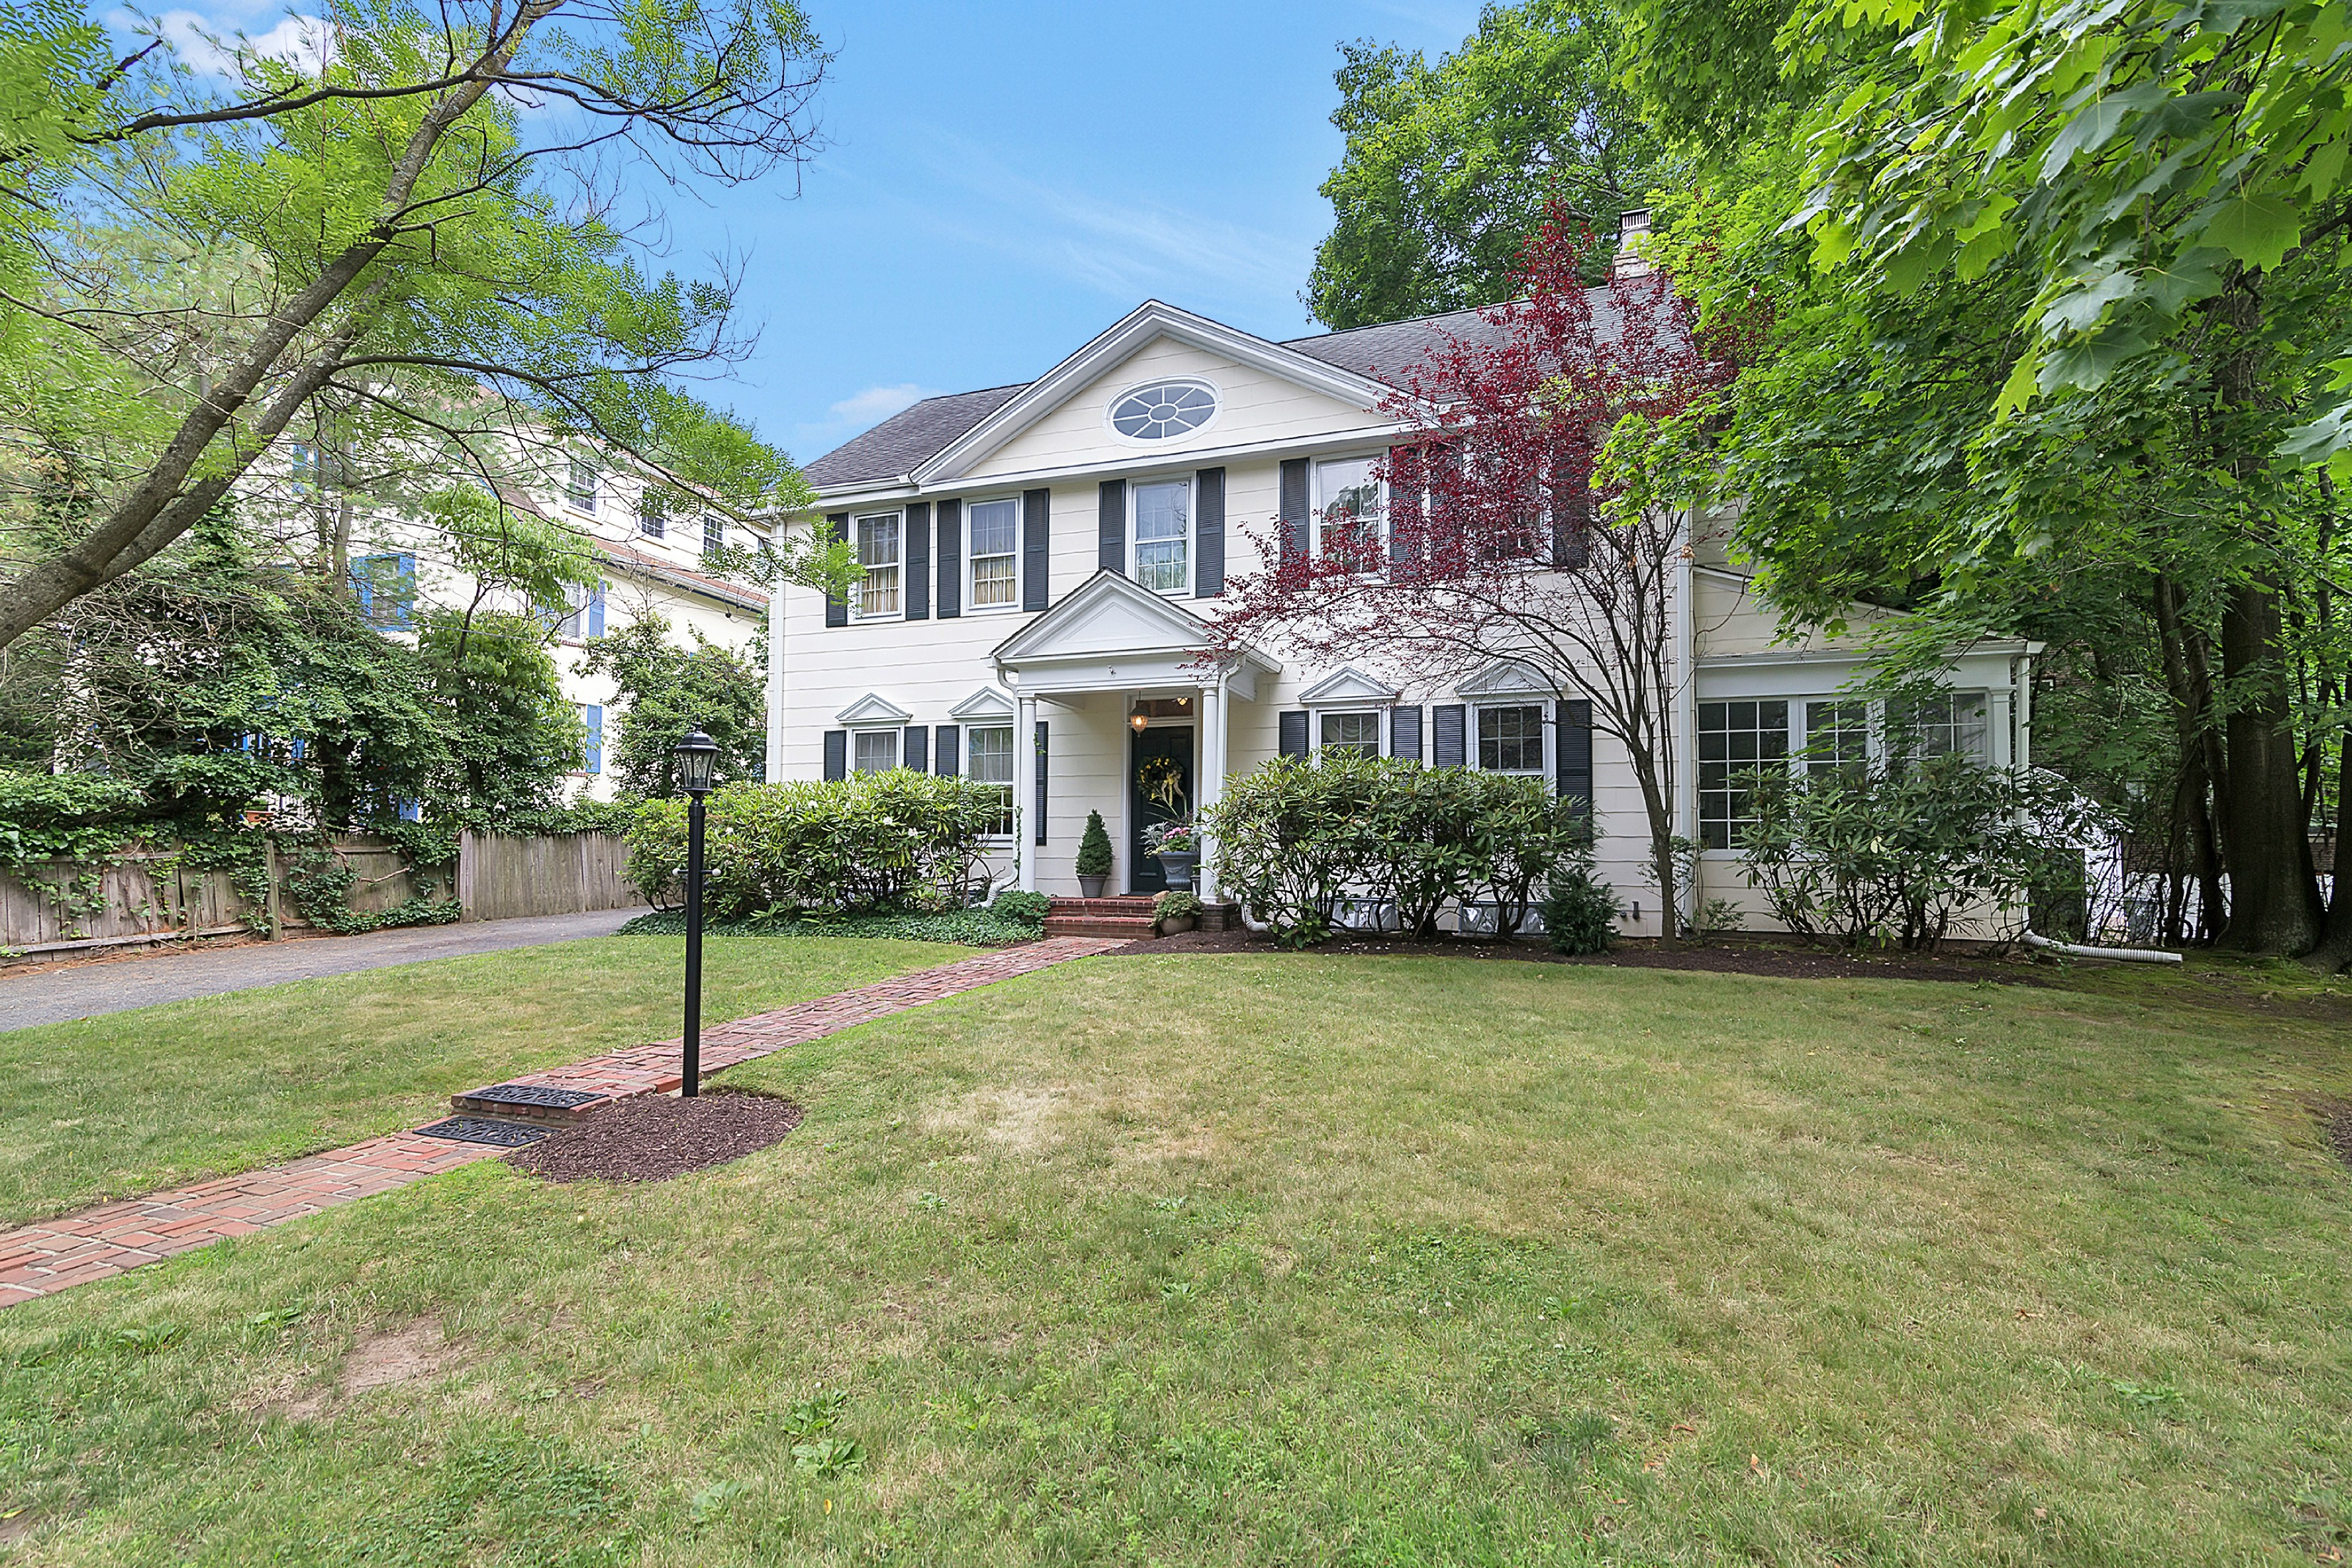 Maison unifamiliale pour l Vente à Elegant Englewood Colonial 80 Glenwood Road Englewood, New Jersey 07631 États-Unis